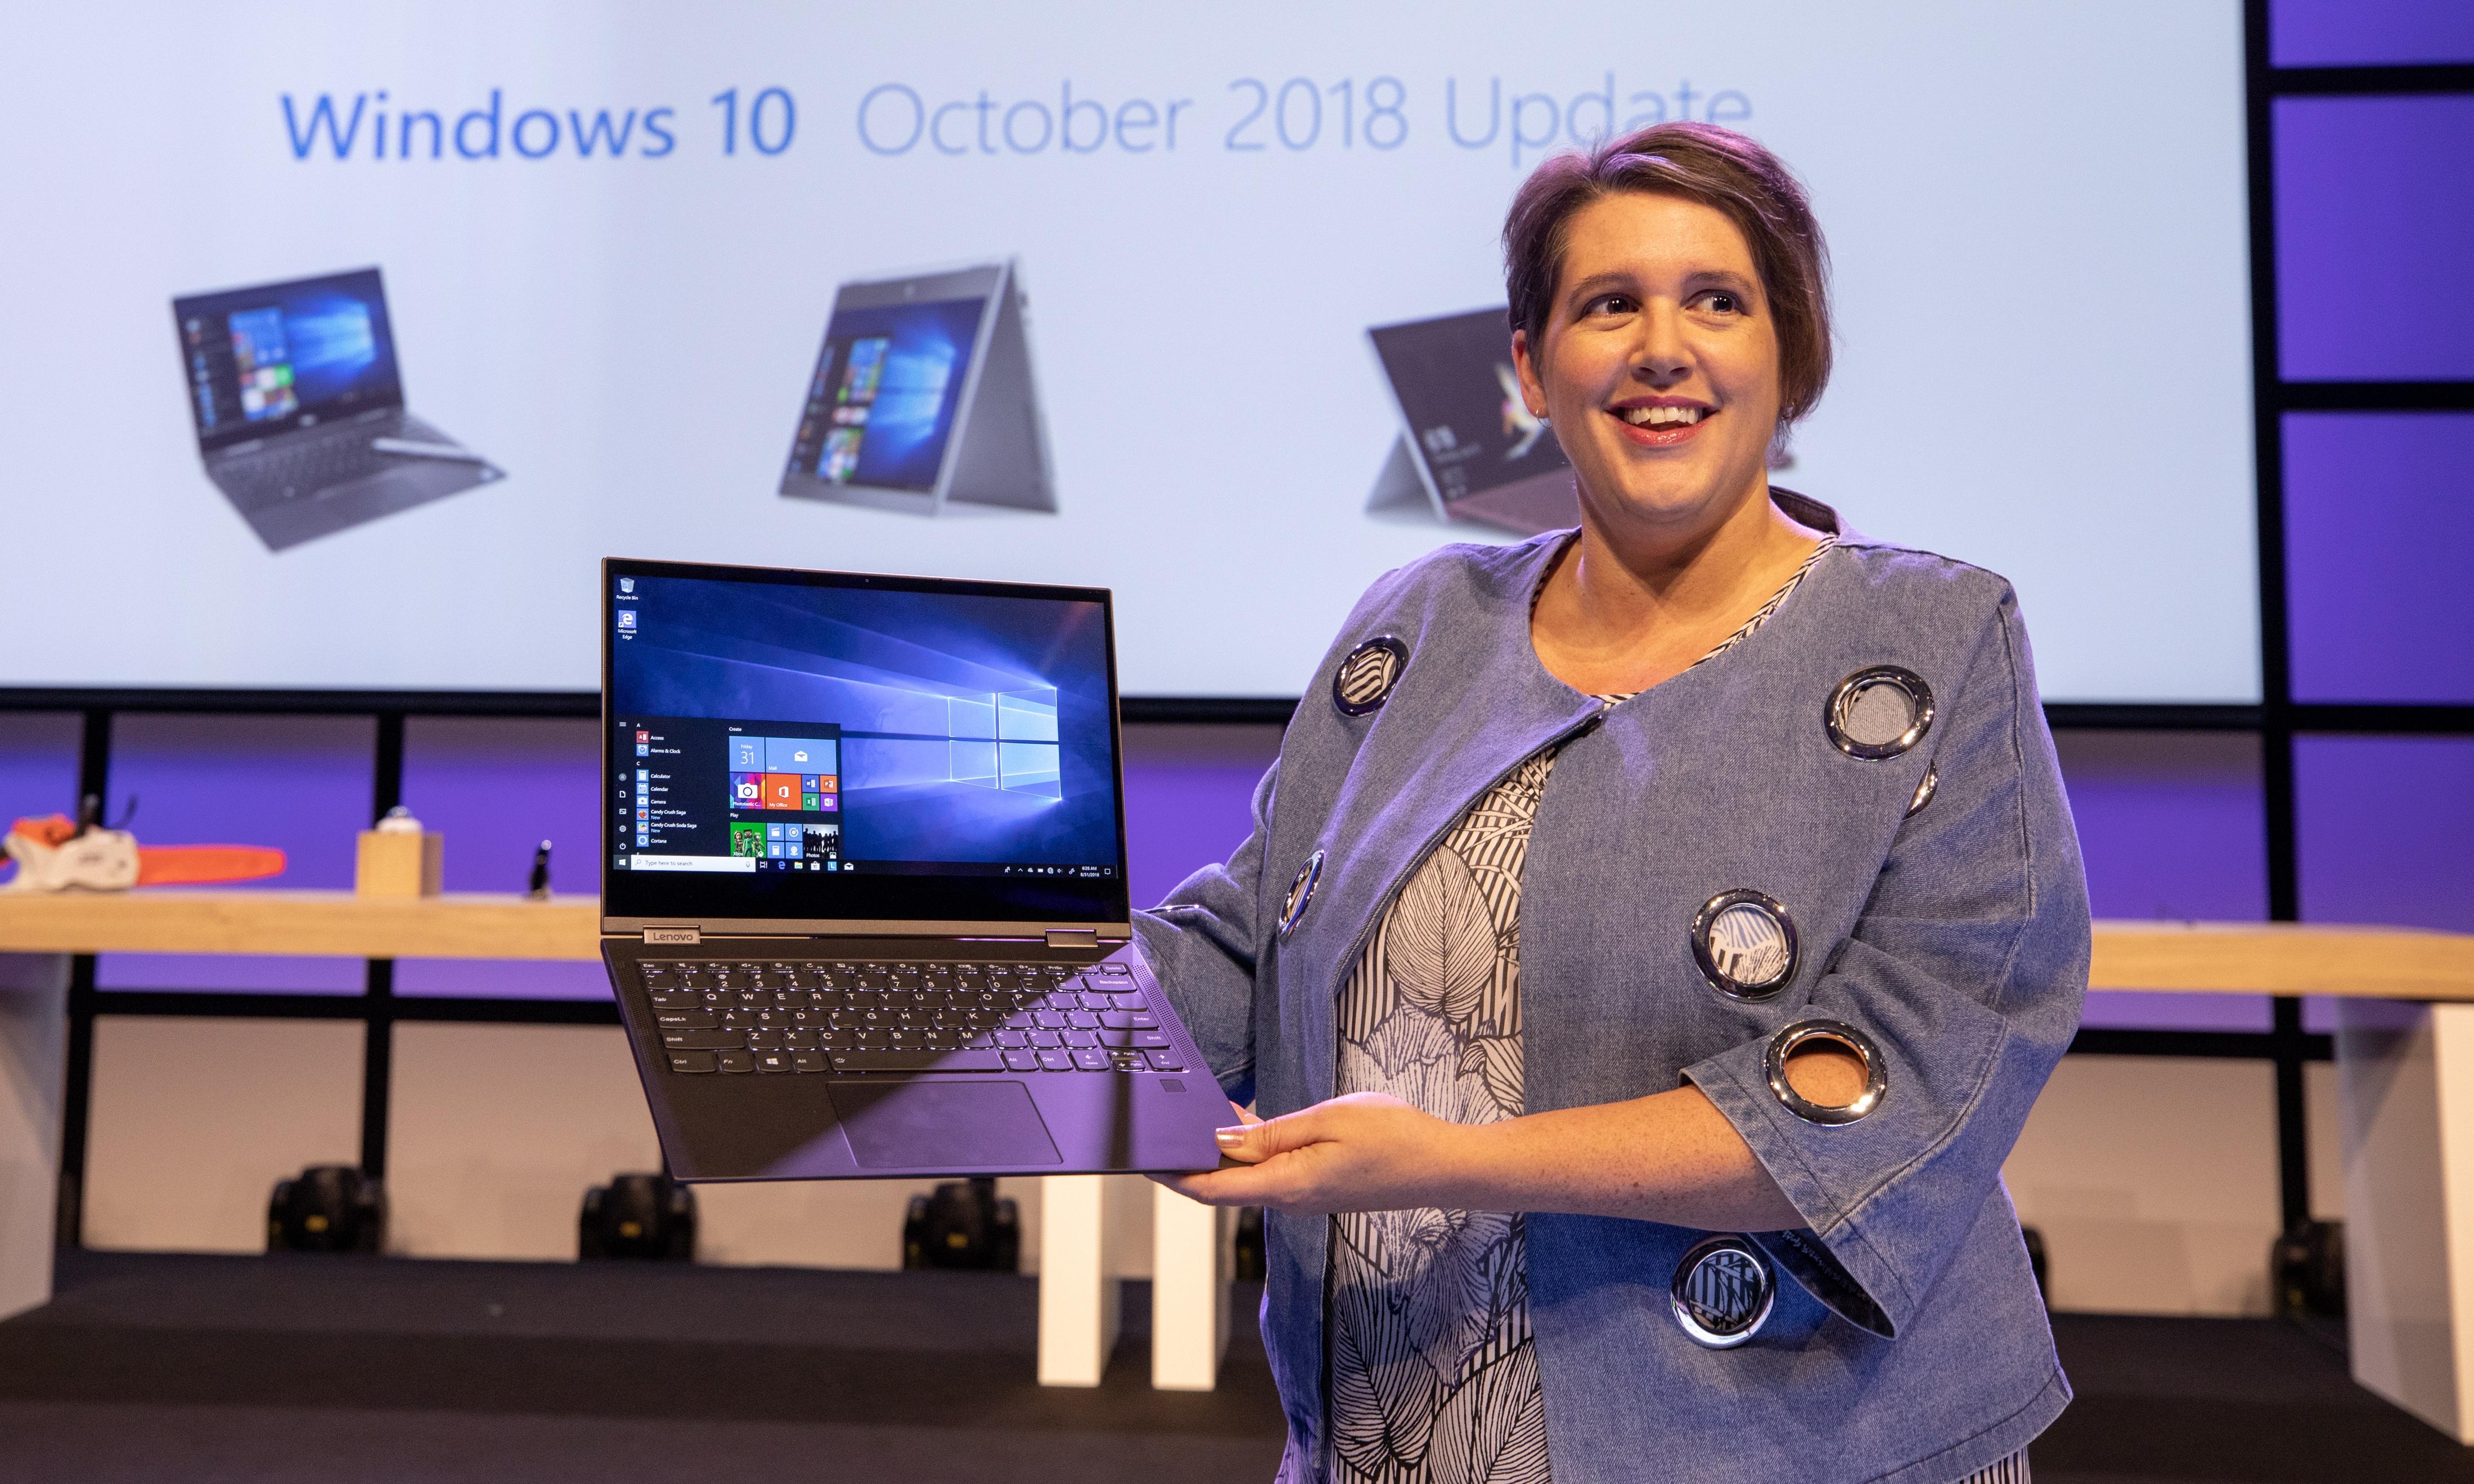 Den neste store Windows 10-oppdateringen kommer i oktober